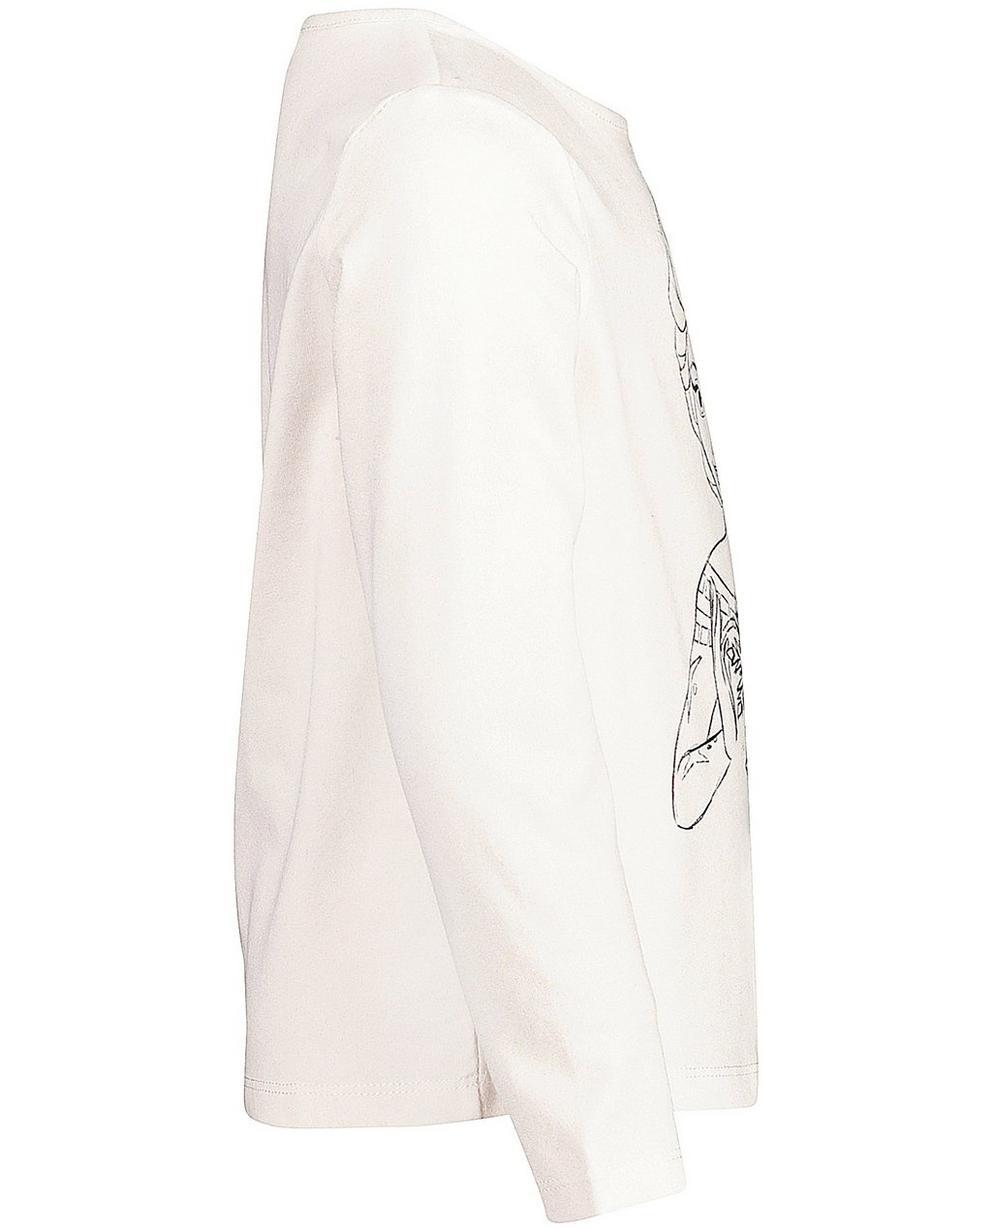 T-Shirts - Hellbeige - Longsleeve in gebrochenem Weiß